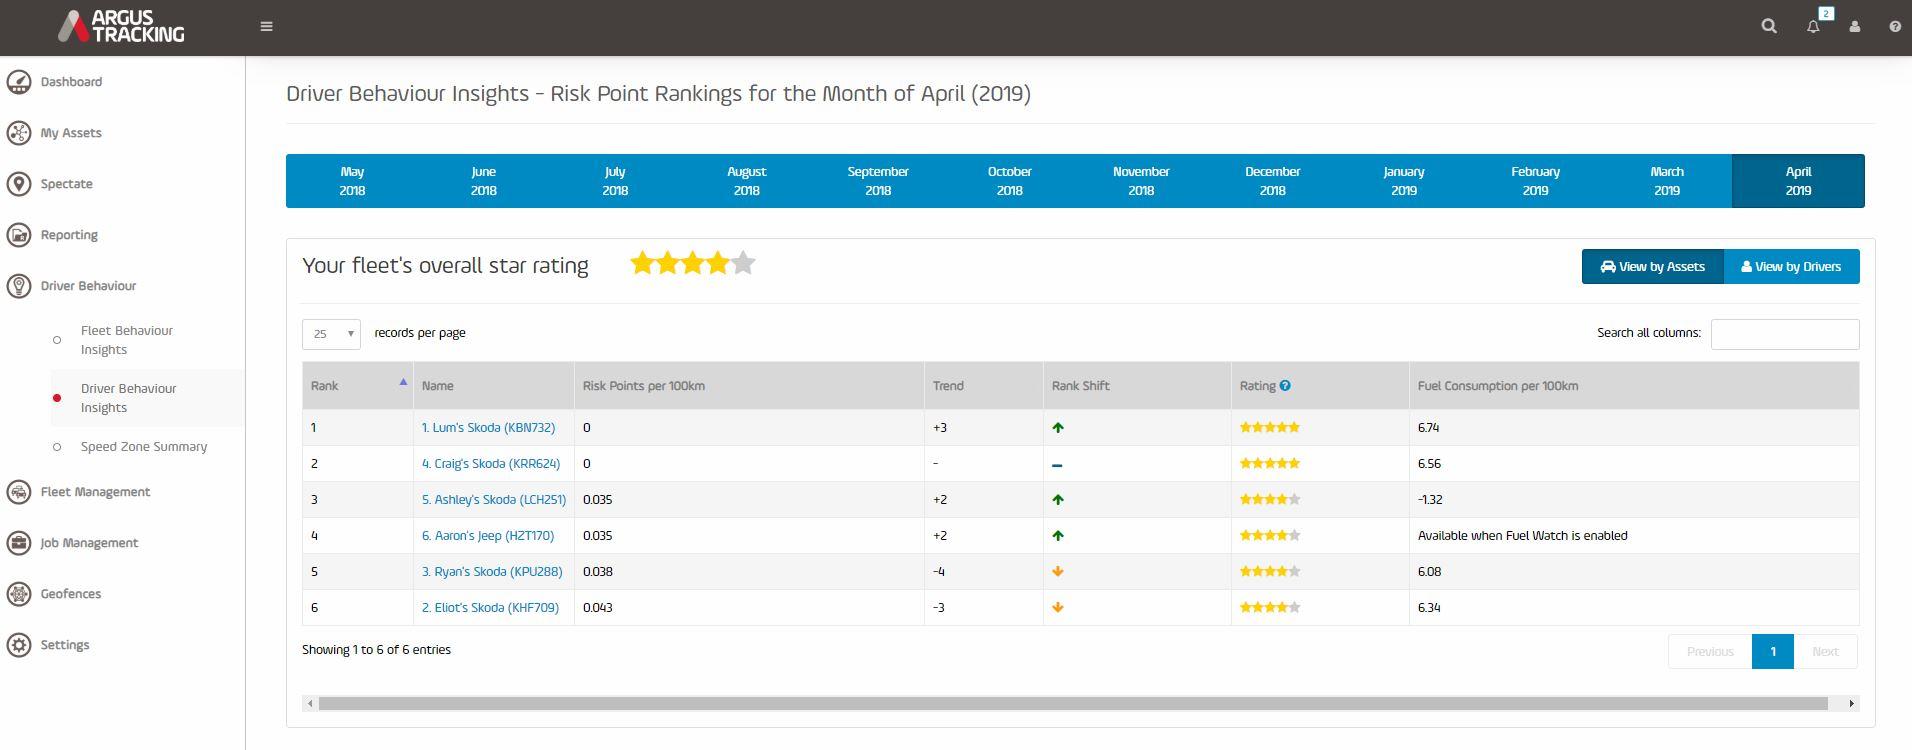 Argus Tracking | Driver Behaviour Risk point rankings.JPG